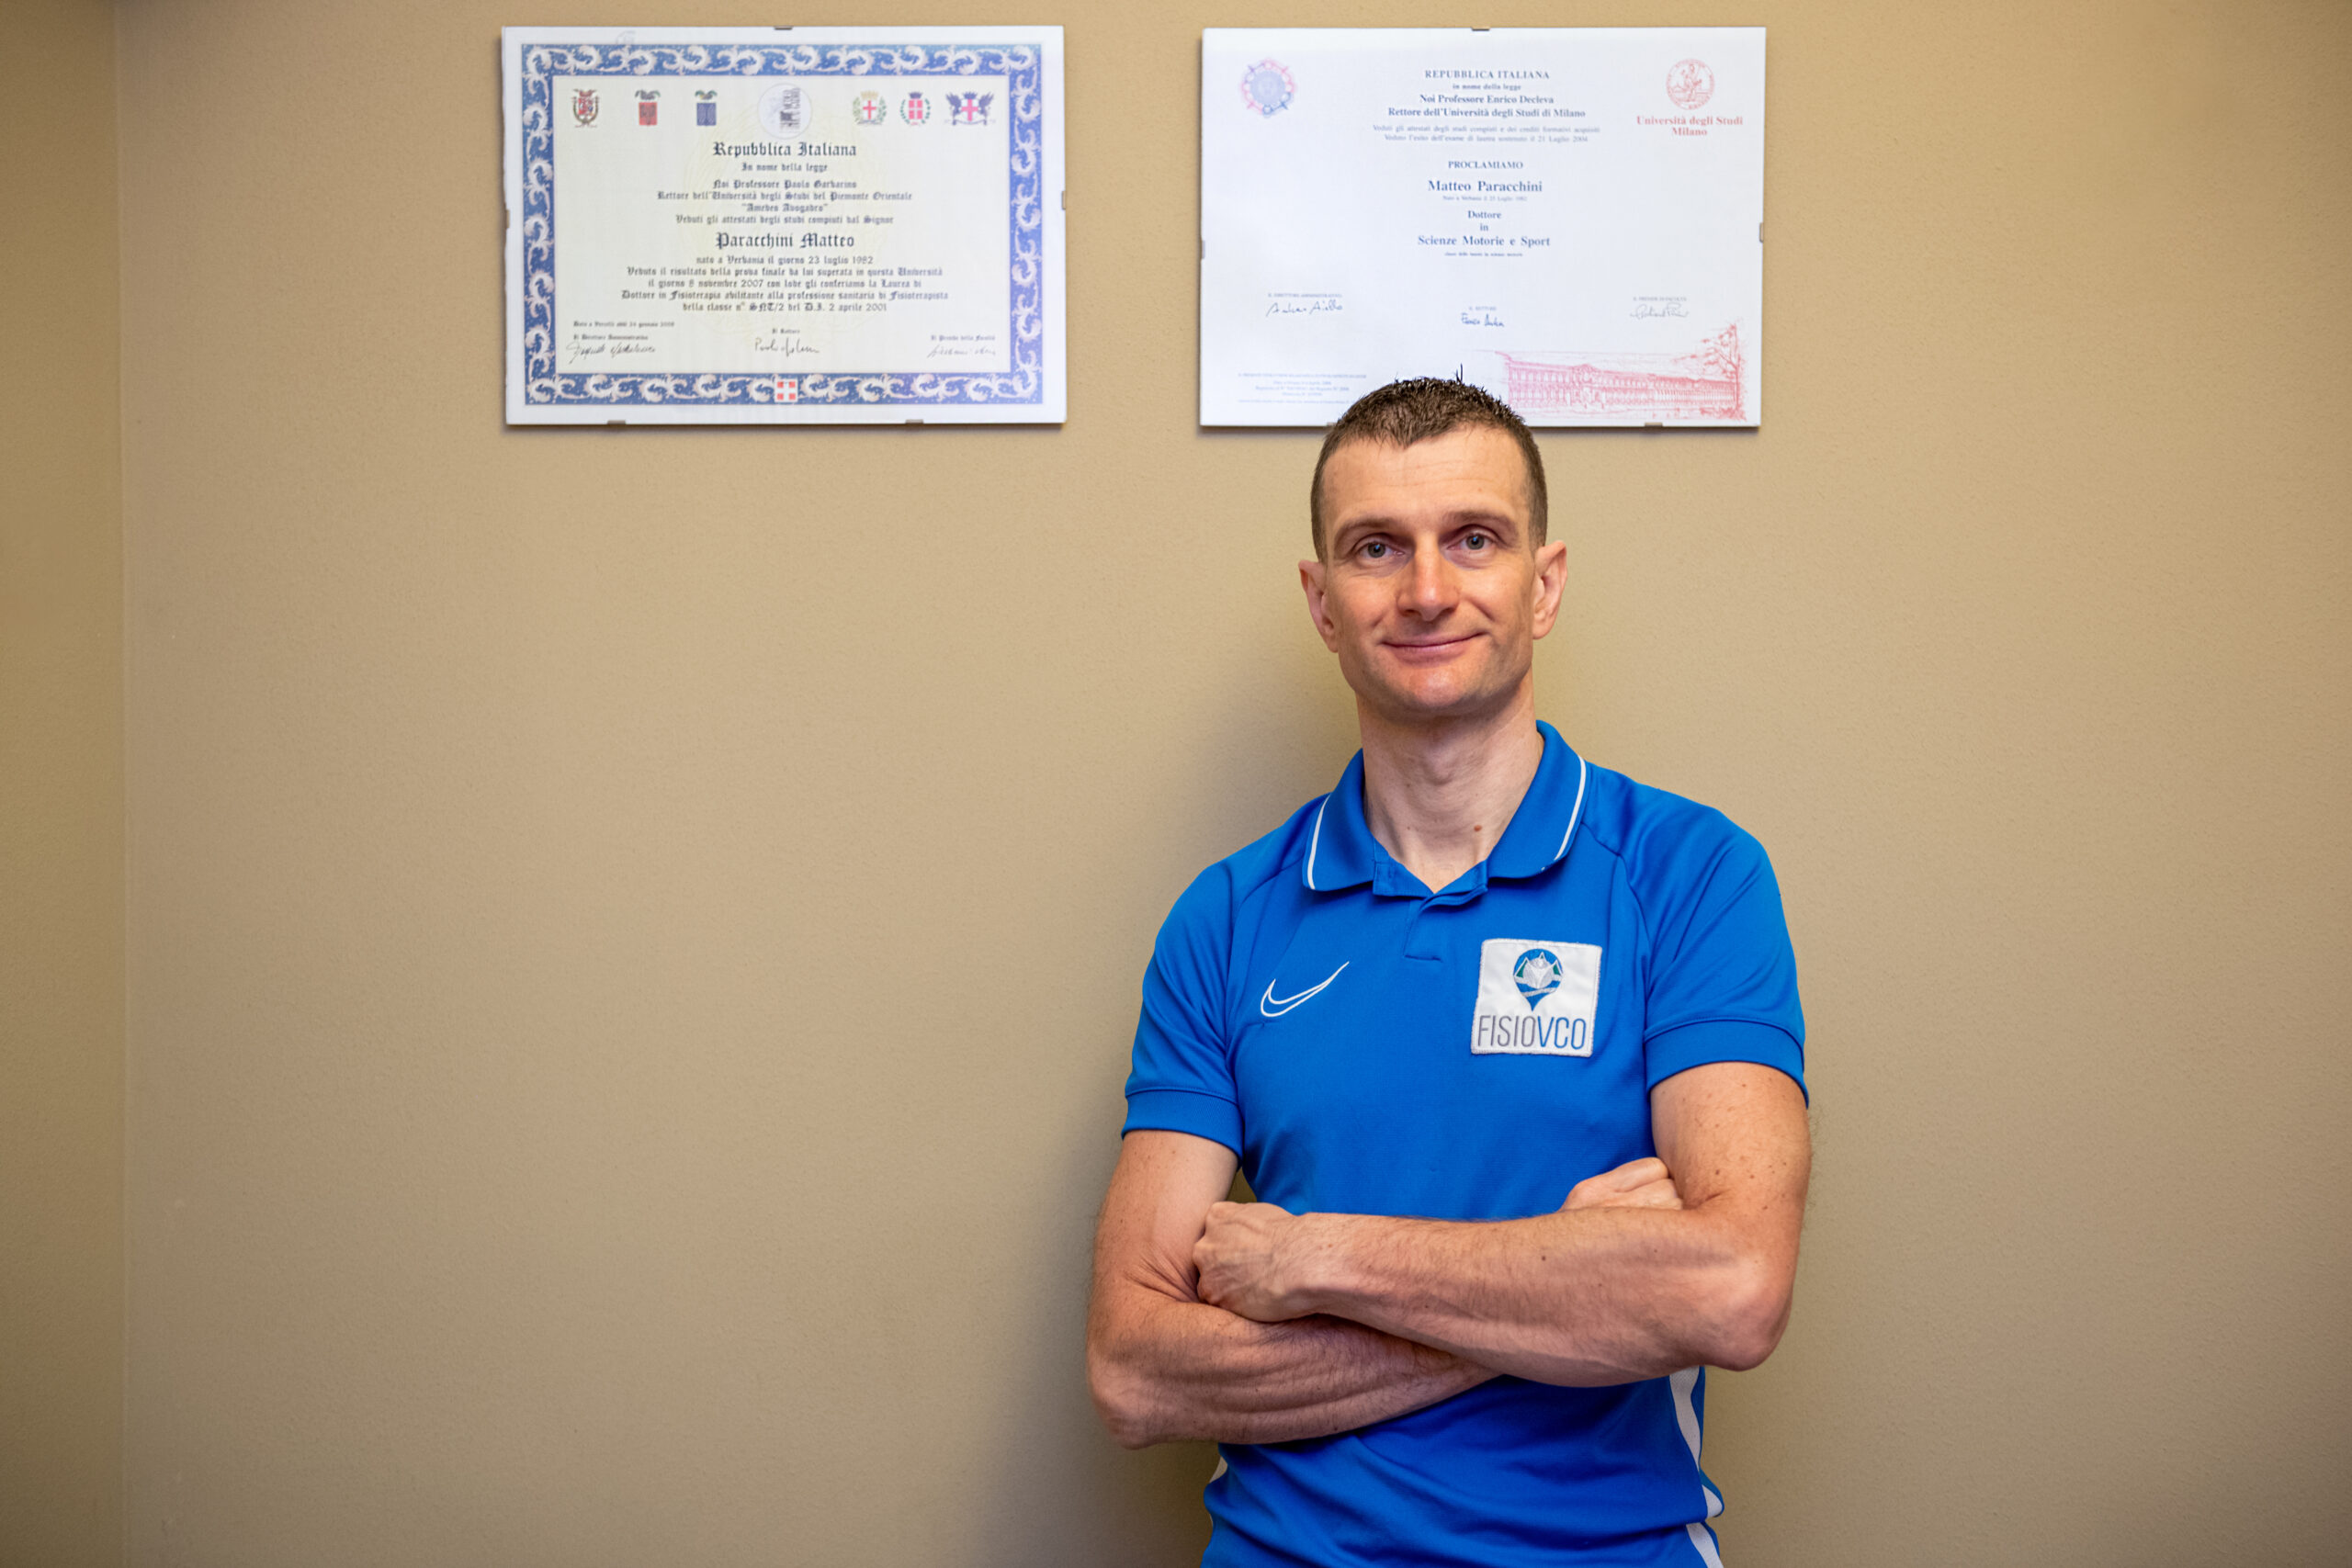 Dott. Matteo Paracchini